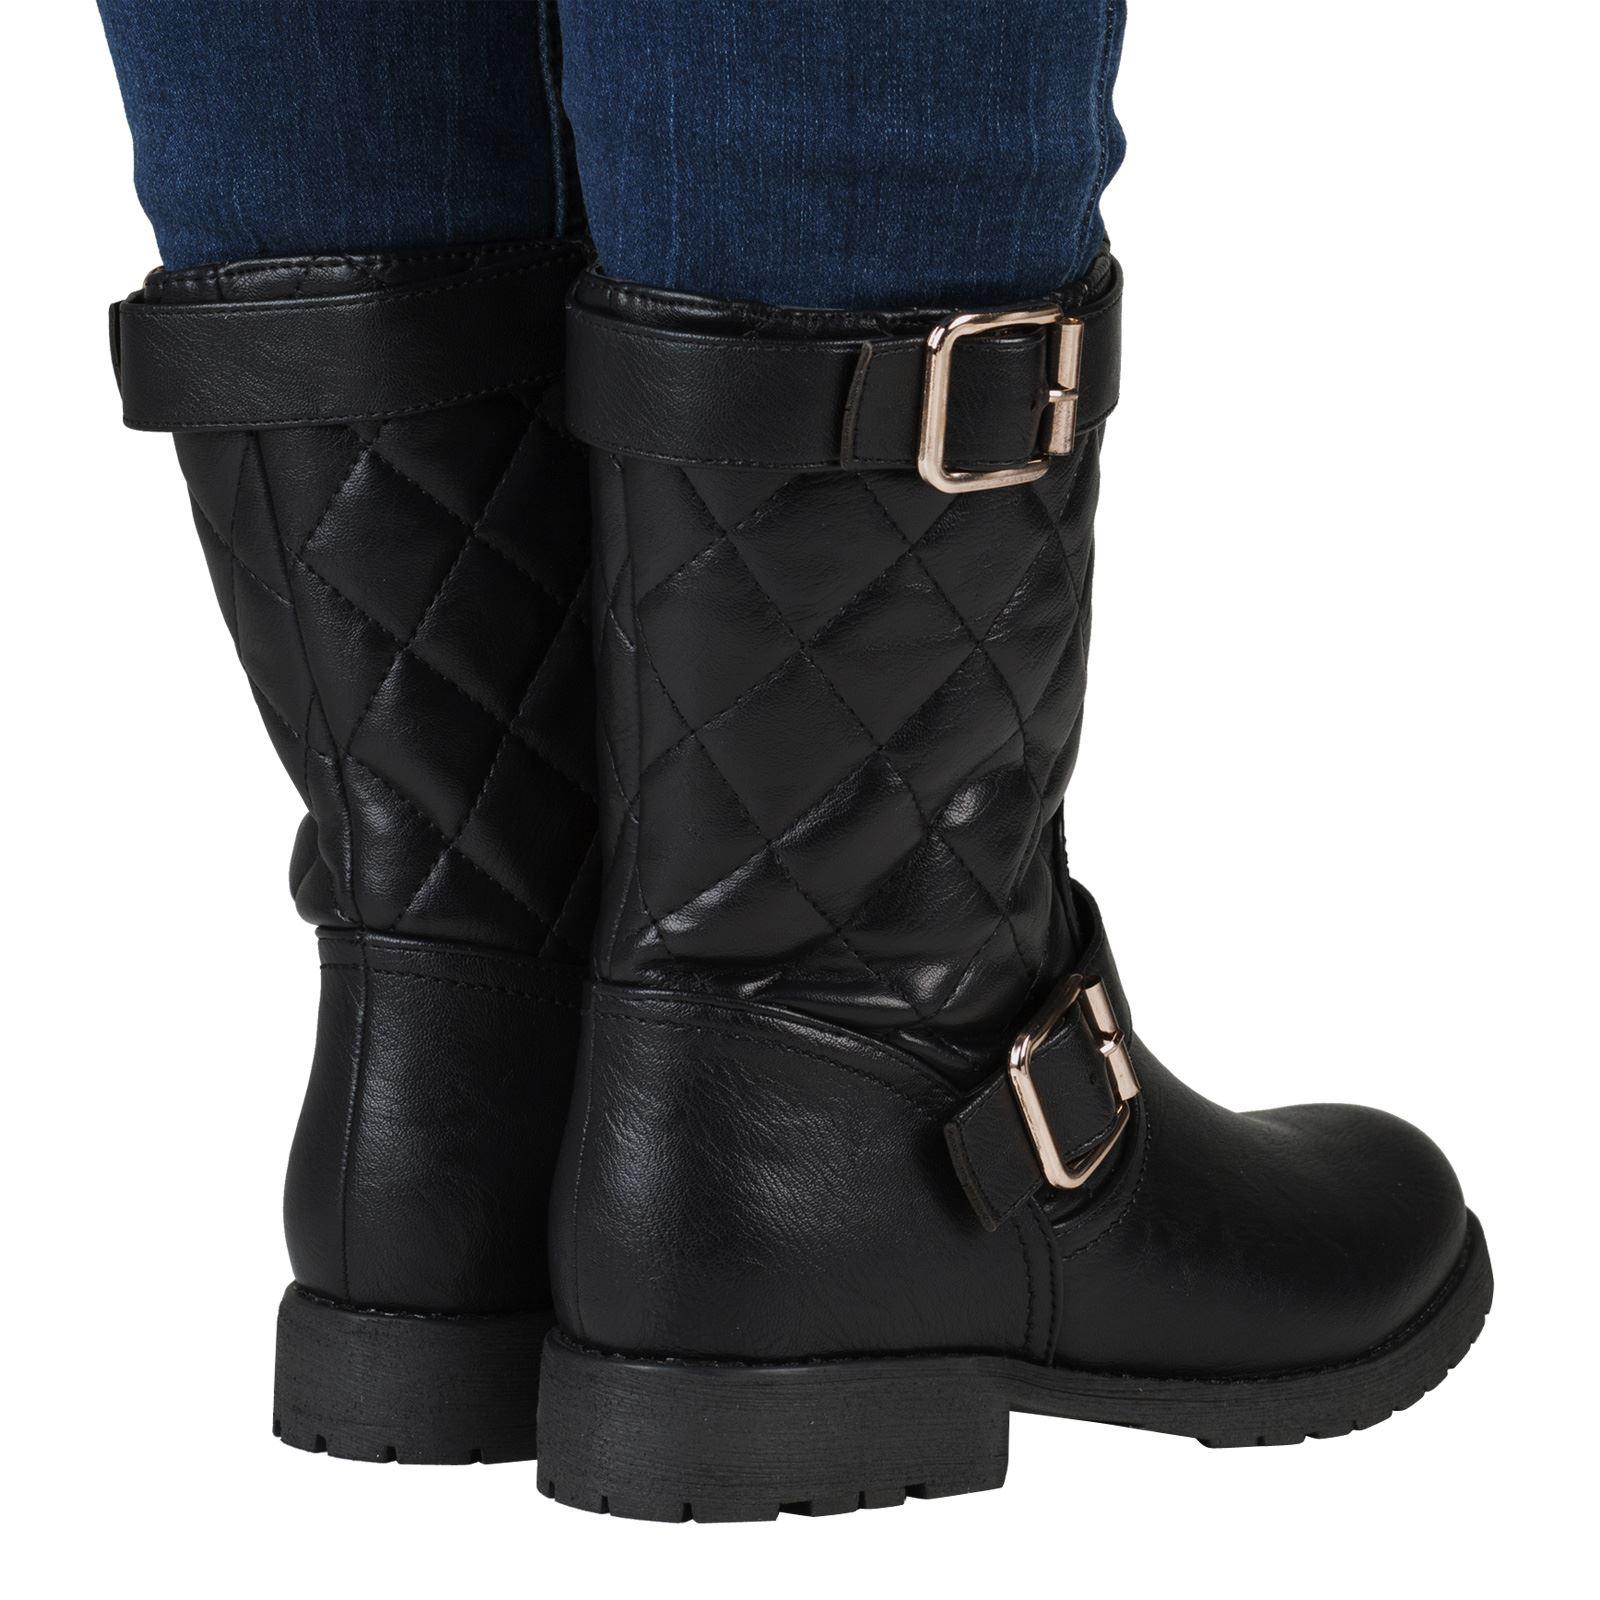 womens worker combat biker flat zip ankle